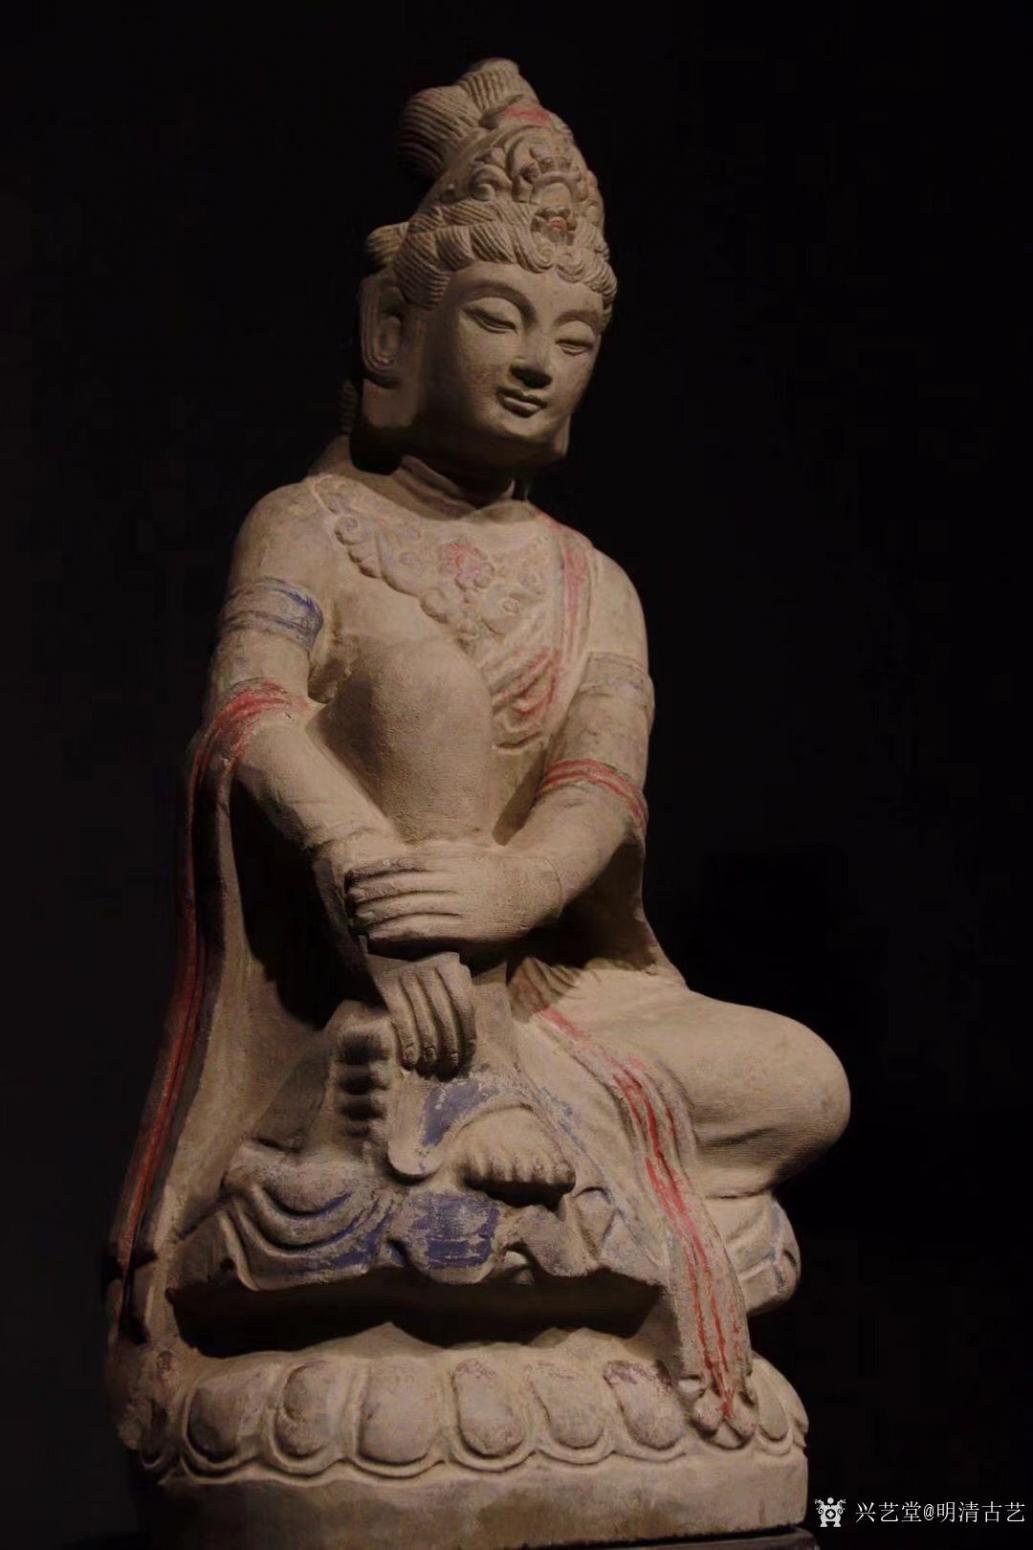 明清古艺雕刻作品《收藏品:观音石像》